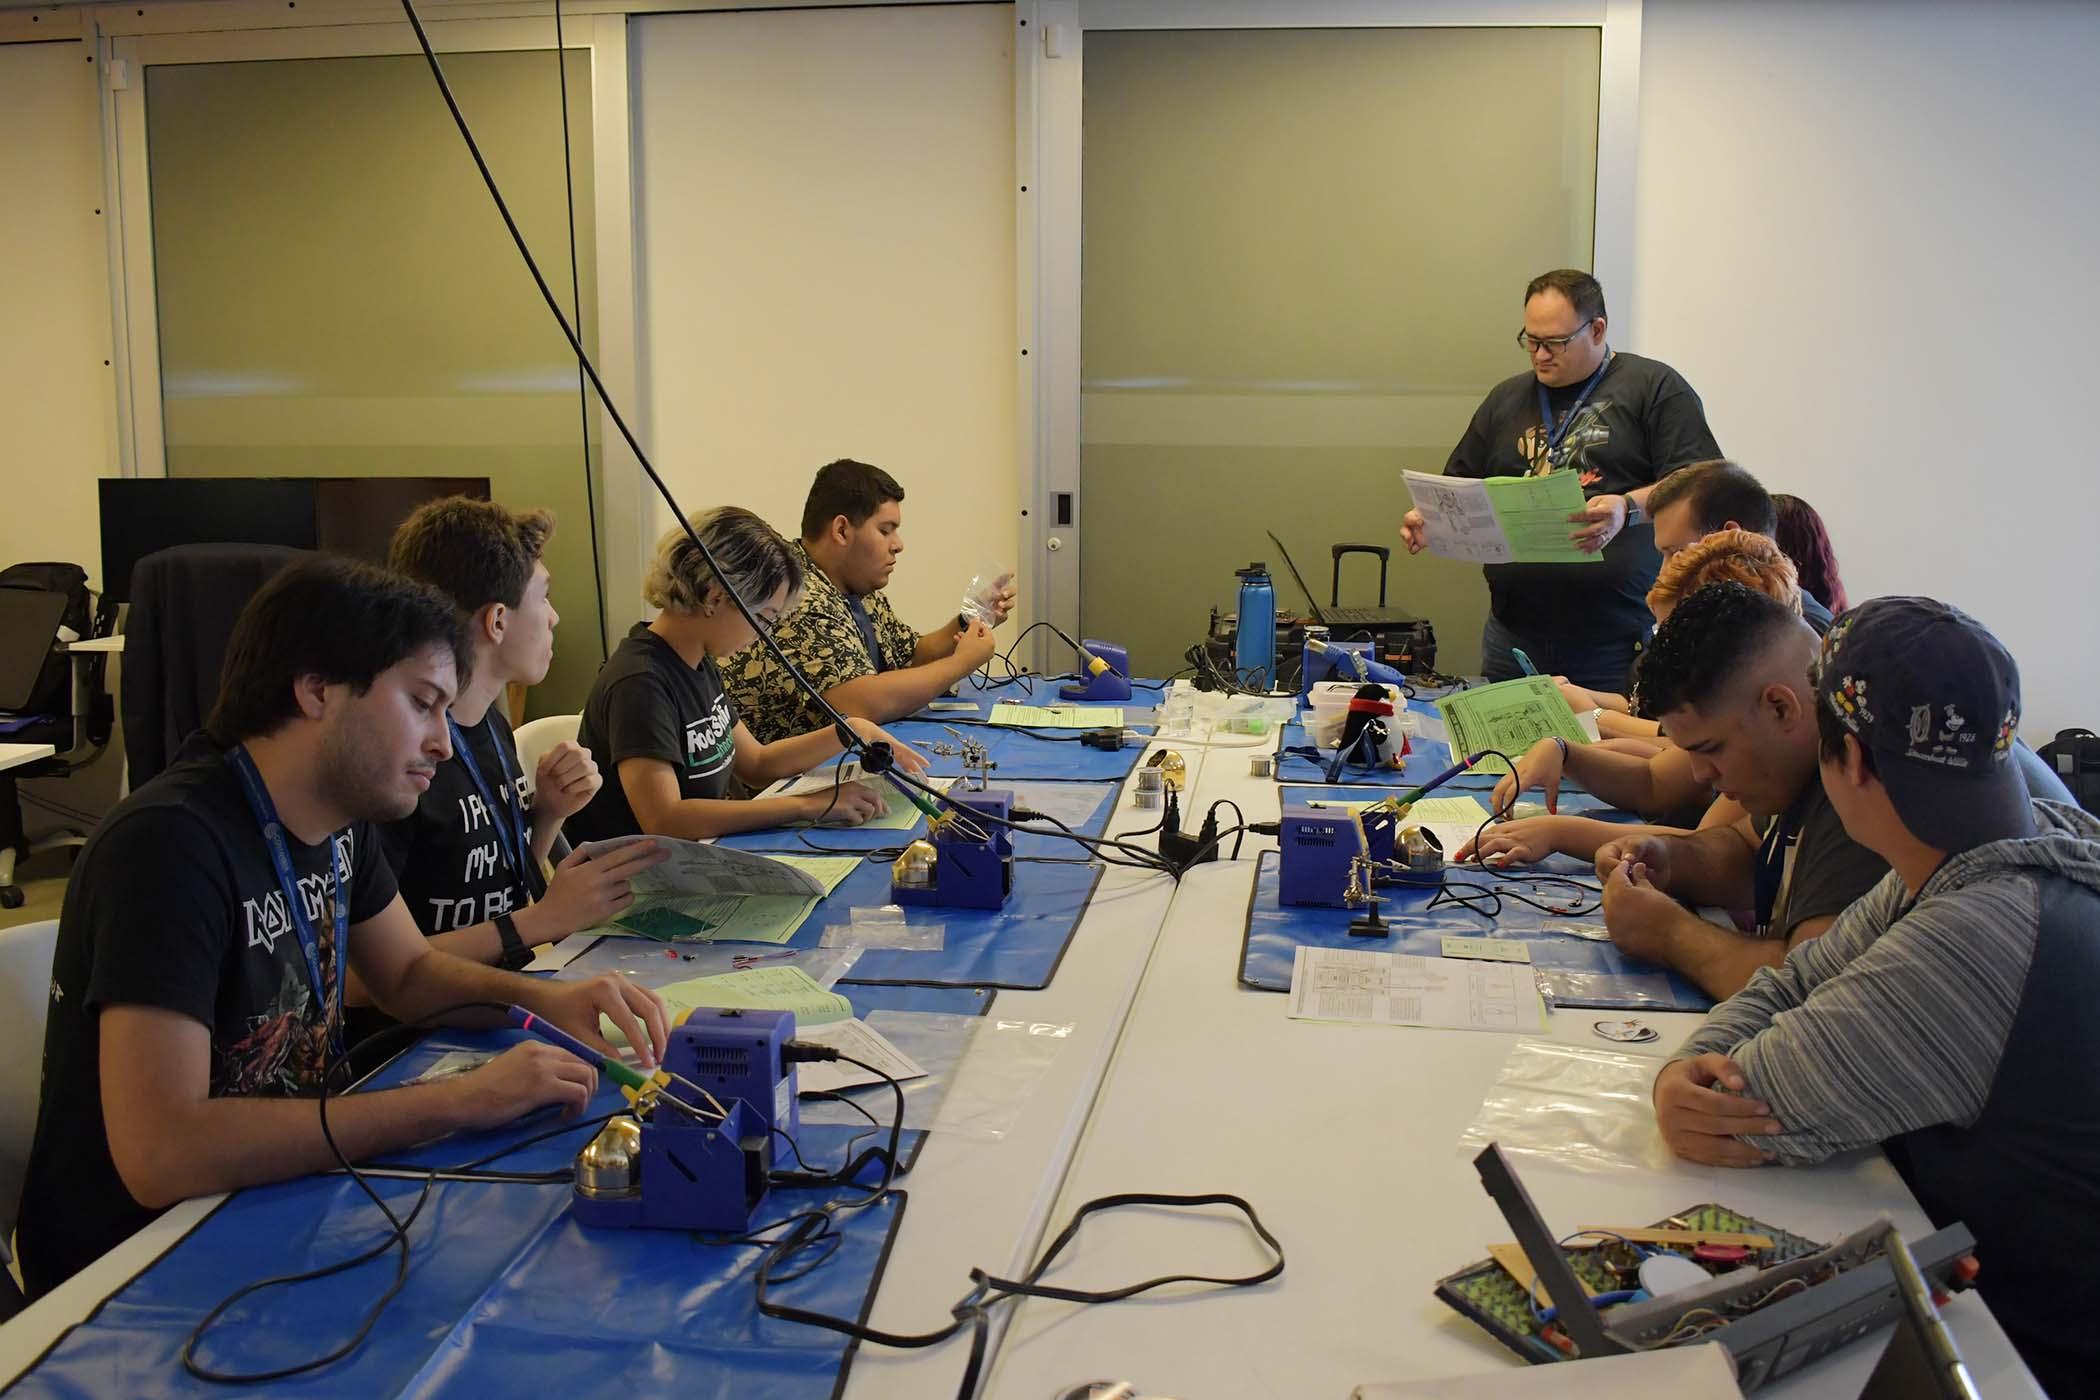 Participantes del taller trabajando en sus proyectos